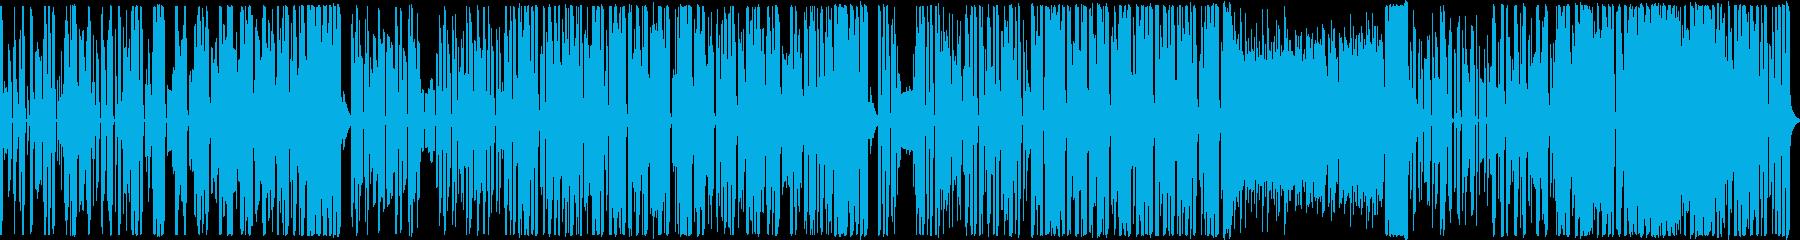 楽しいイメージのシンセポップ ループ可の再生済みの波形